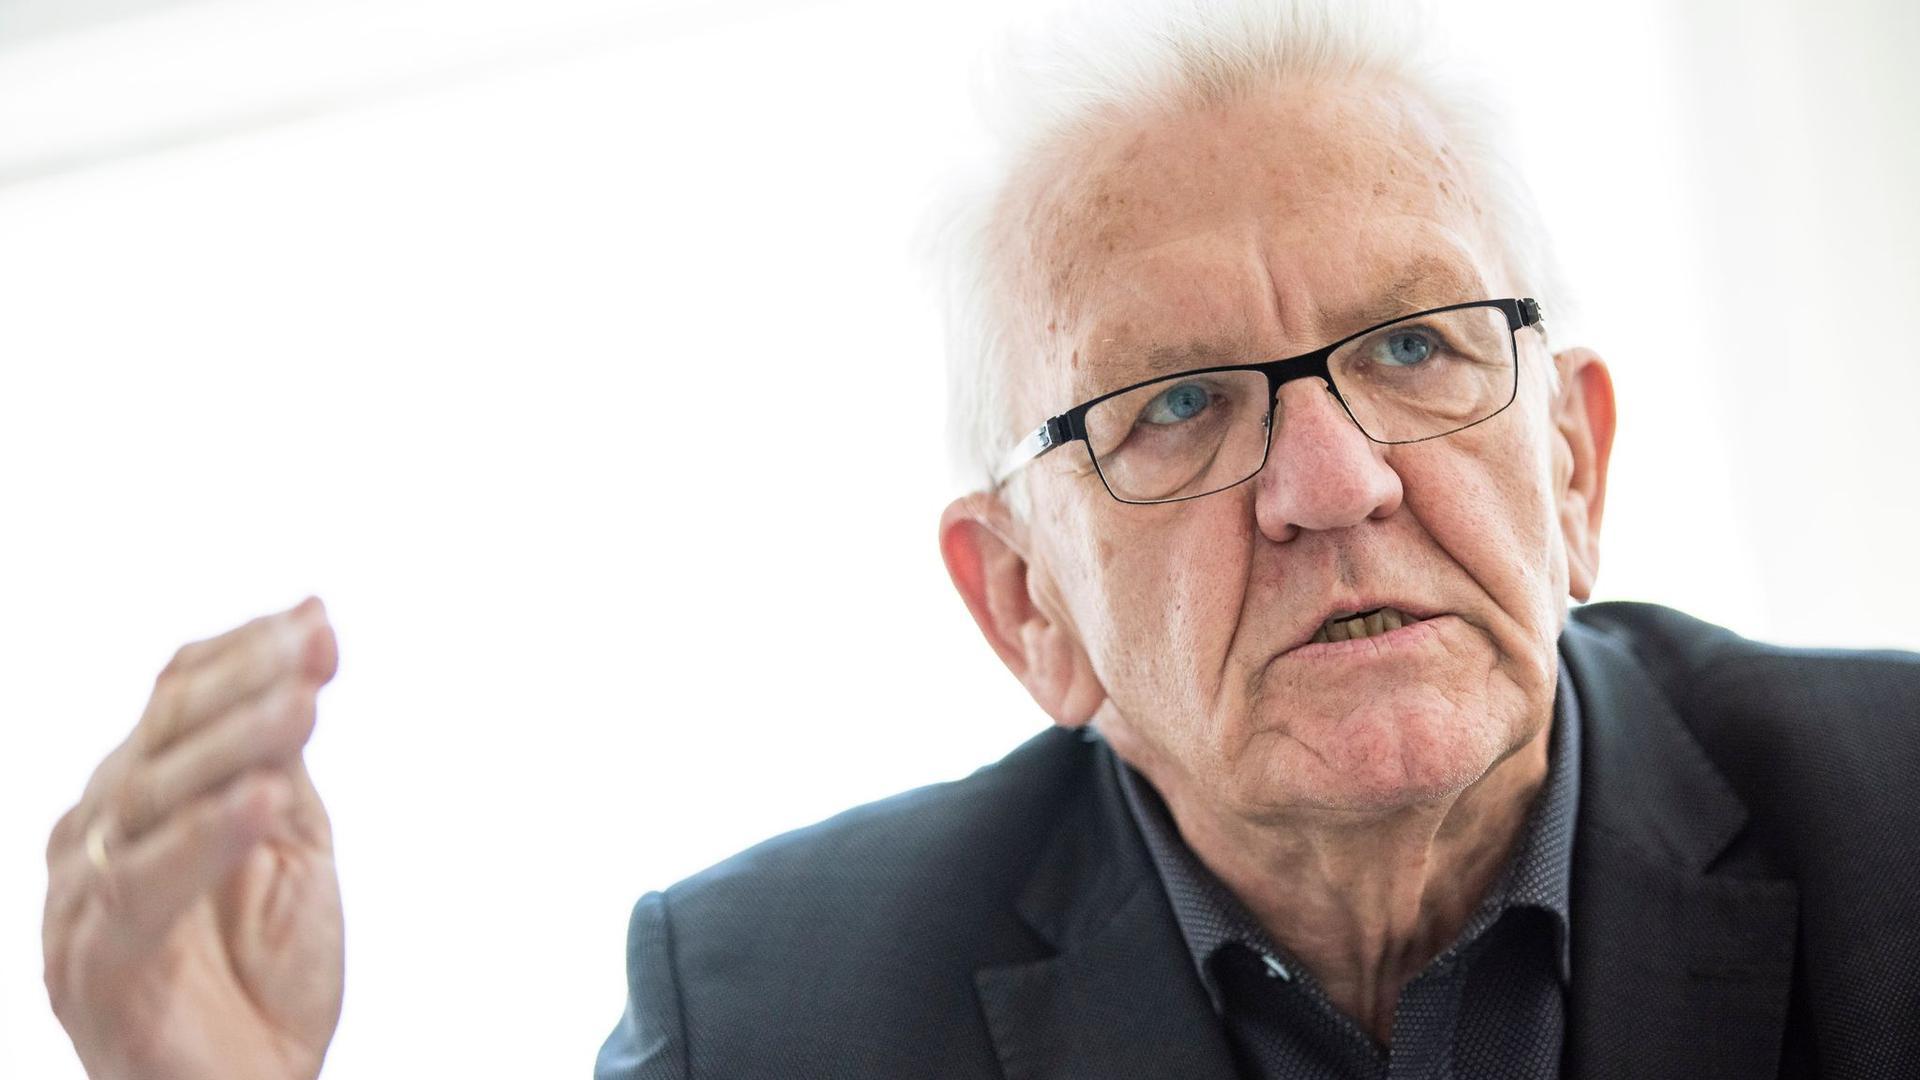 Baden-Württembergs Ministerpräsident Winfried Kretschmann (Bündnis 90/Die Grünen) gibt ein Interview.